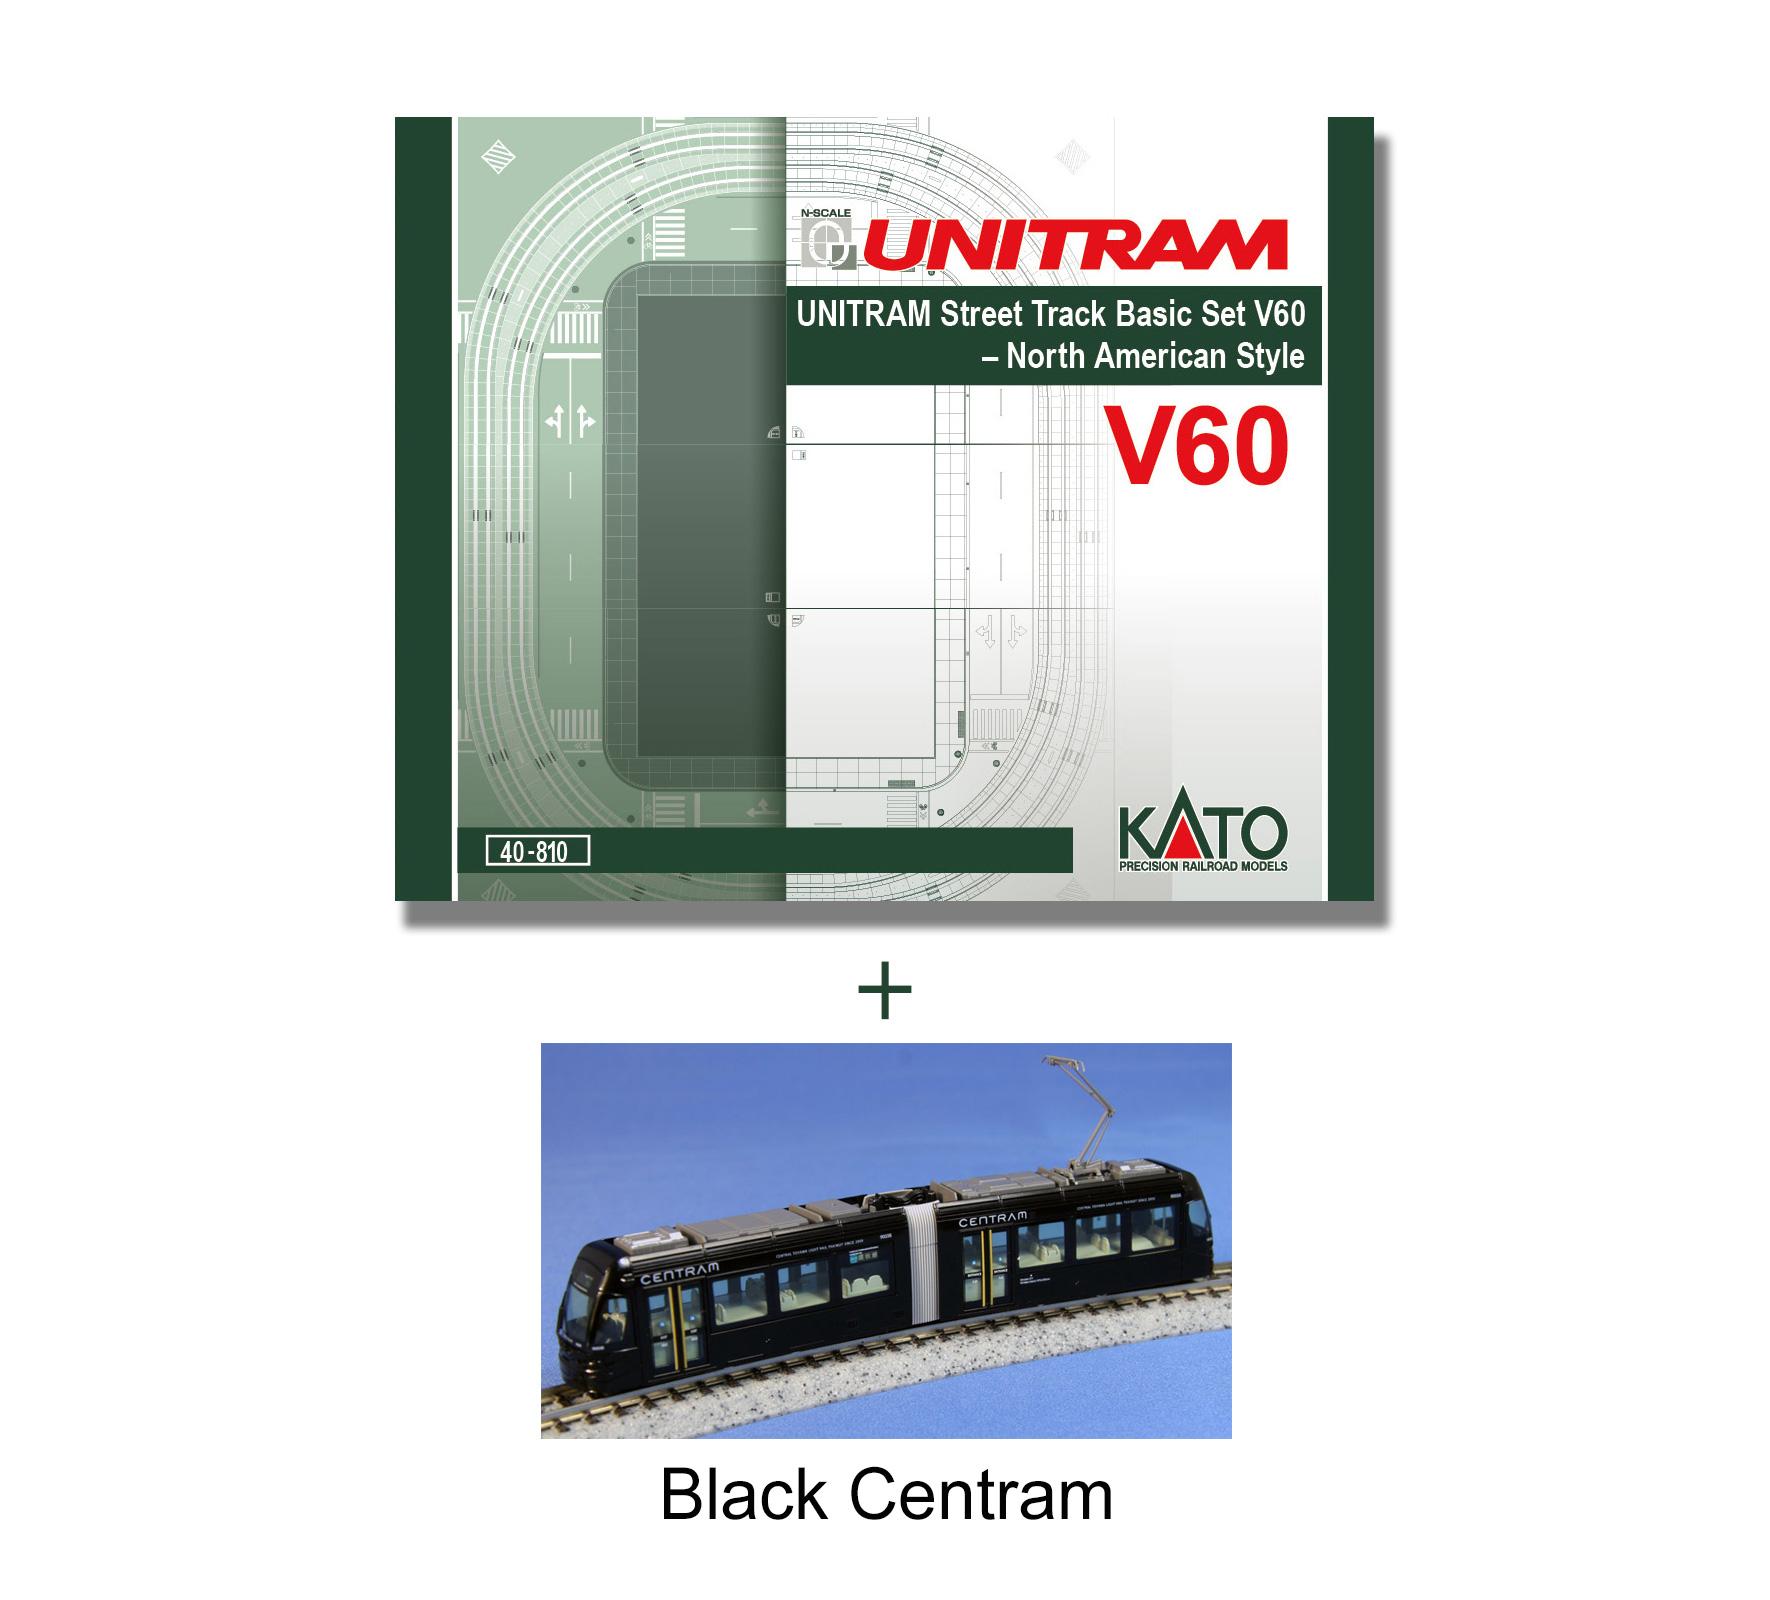 Kato N 40 810 4 V60 Unitram Track Set Bundled W Light Rail Black Centram Wiring